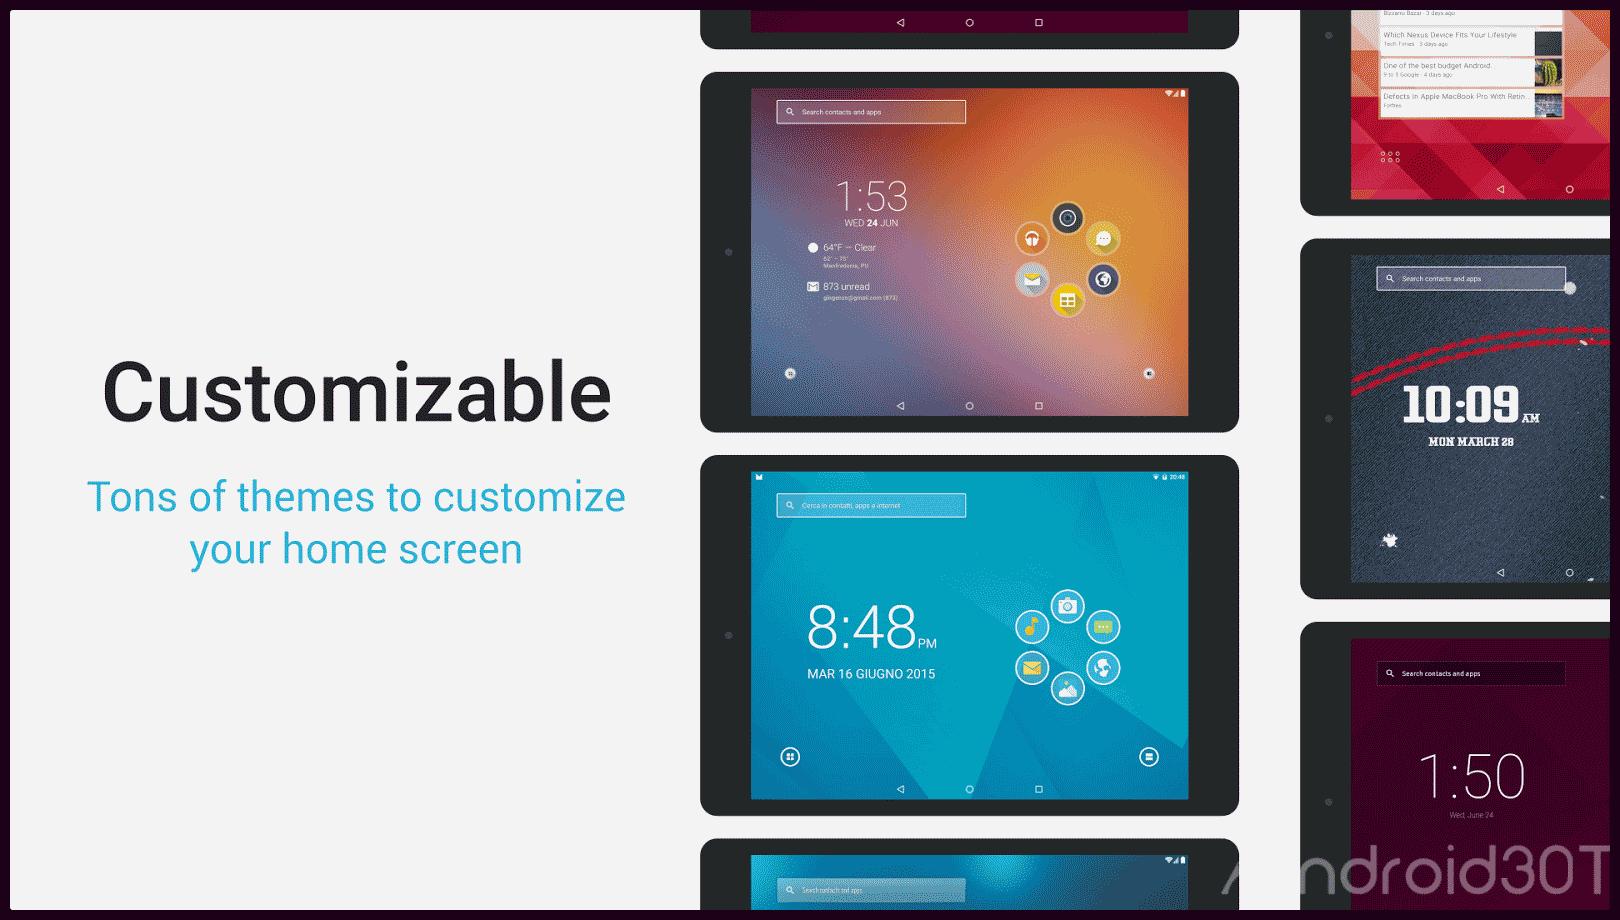 دانلود Smart Launcher Pro 5.4.020 – لانچر هوشمند اندروید